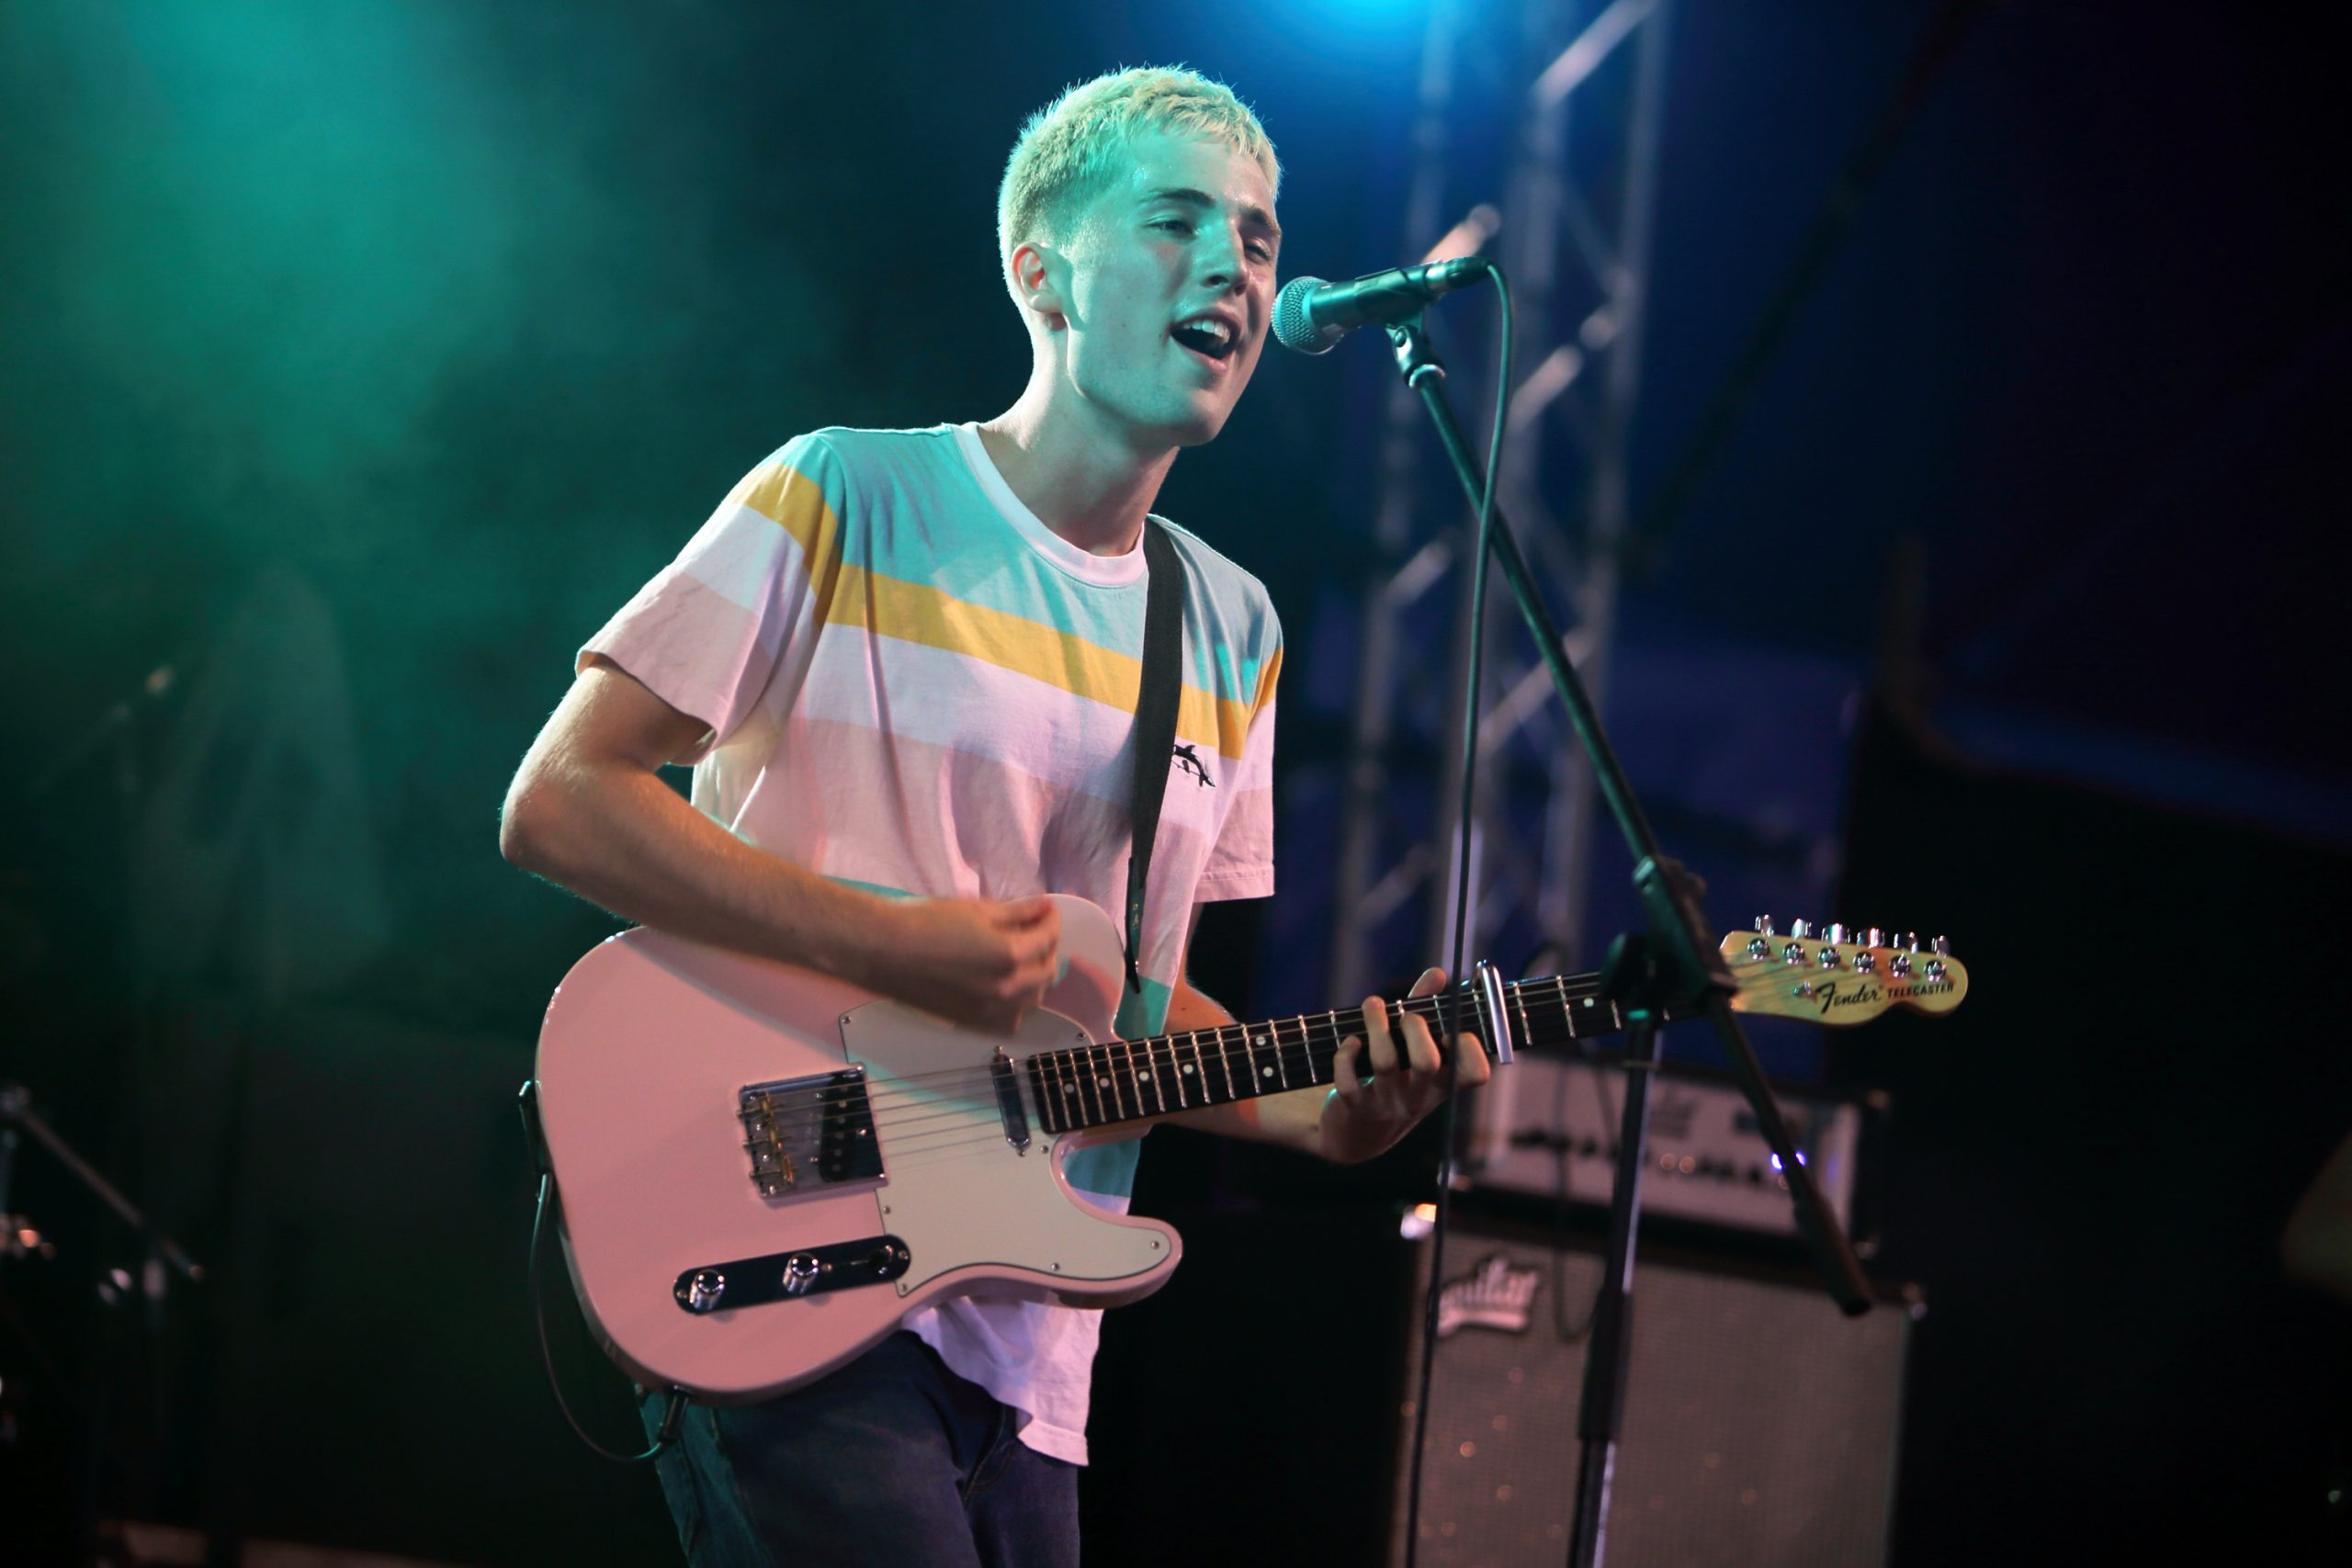 Will Joseph Cook: Der unschuldige Indie-Pop, der Sie in die Jugend zurückkehren lässt